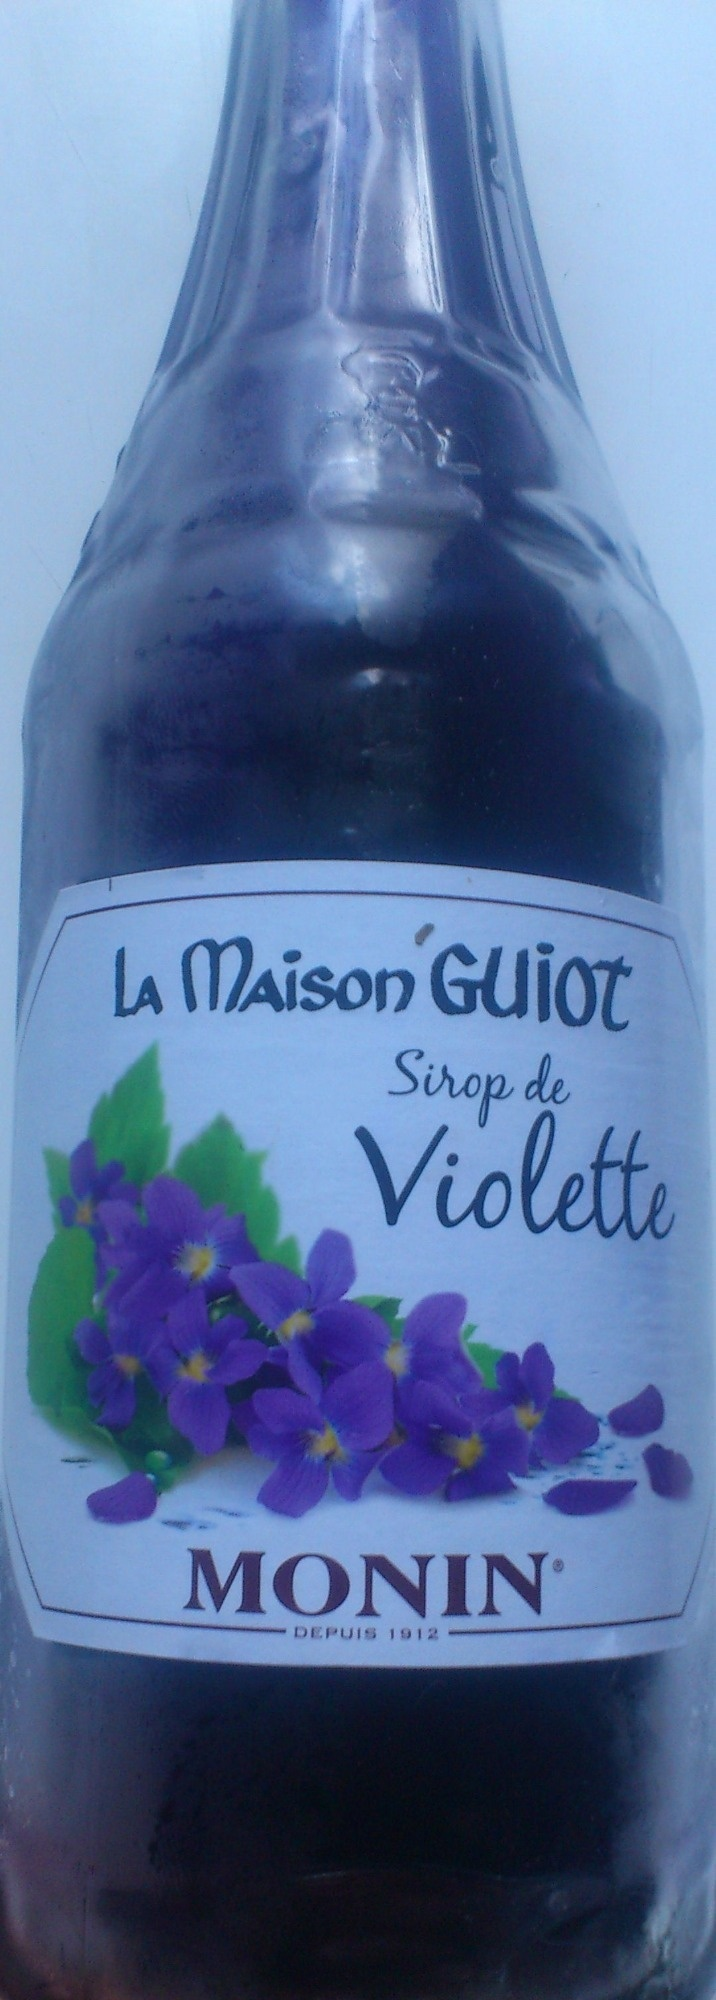 Sirop de violette la maison guiot 70cl - Sirop de violette ...